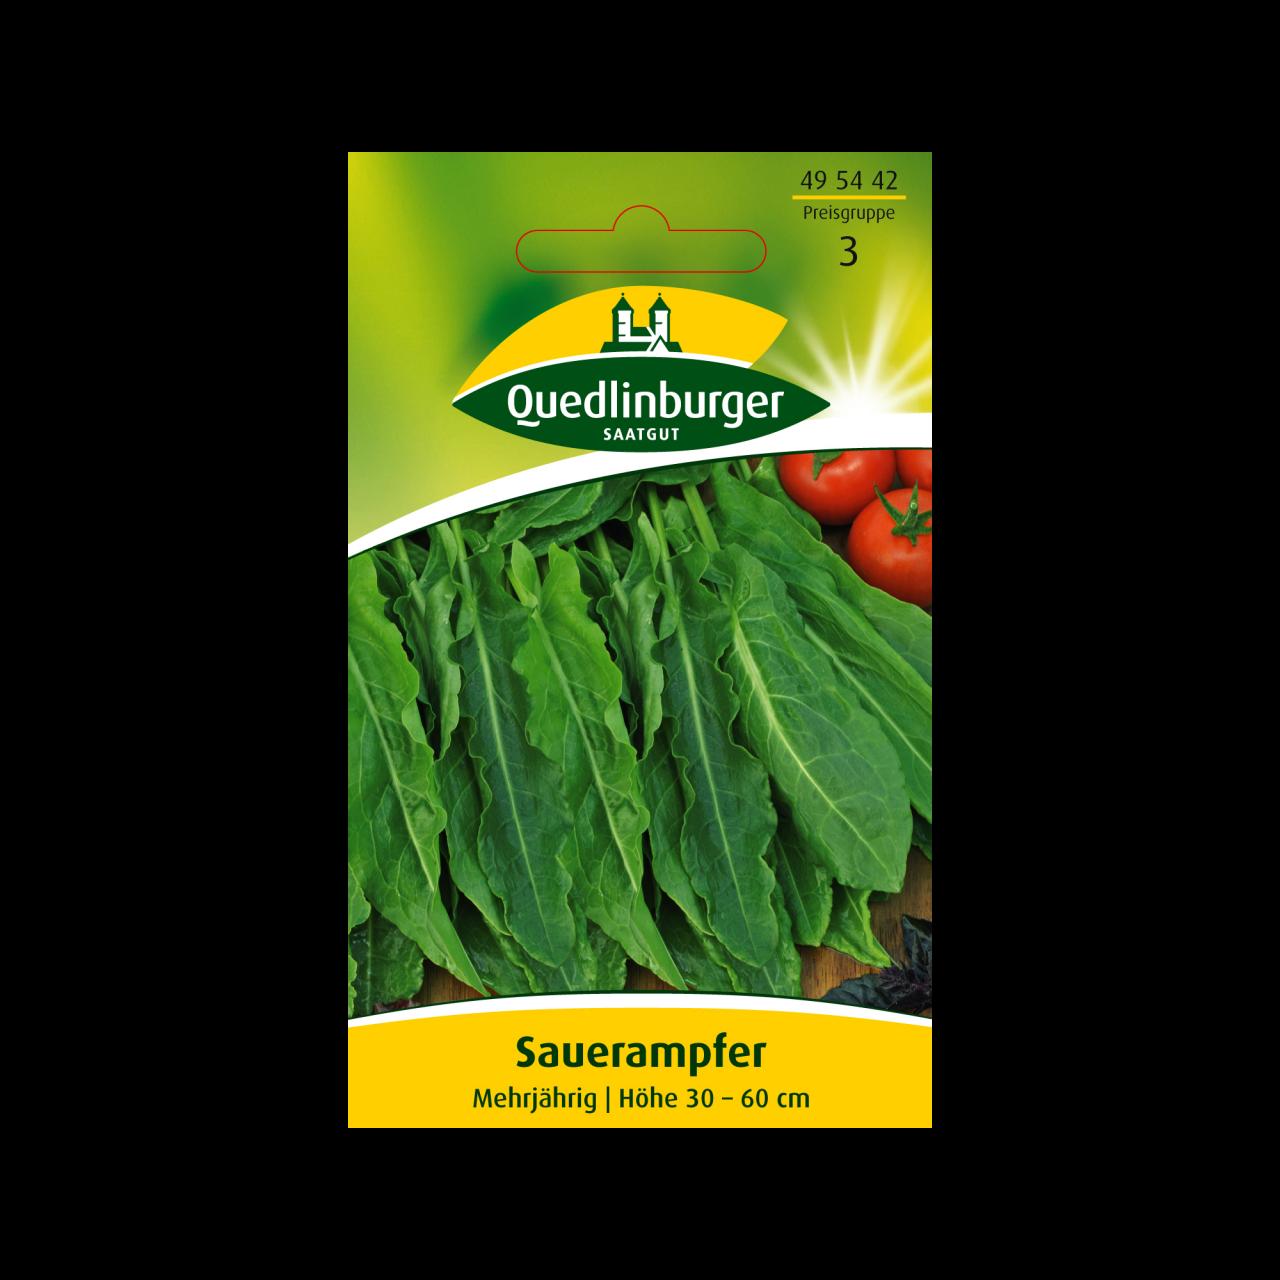 Quedlinburger Saatgut Sauerampfer Vorderseite